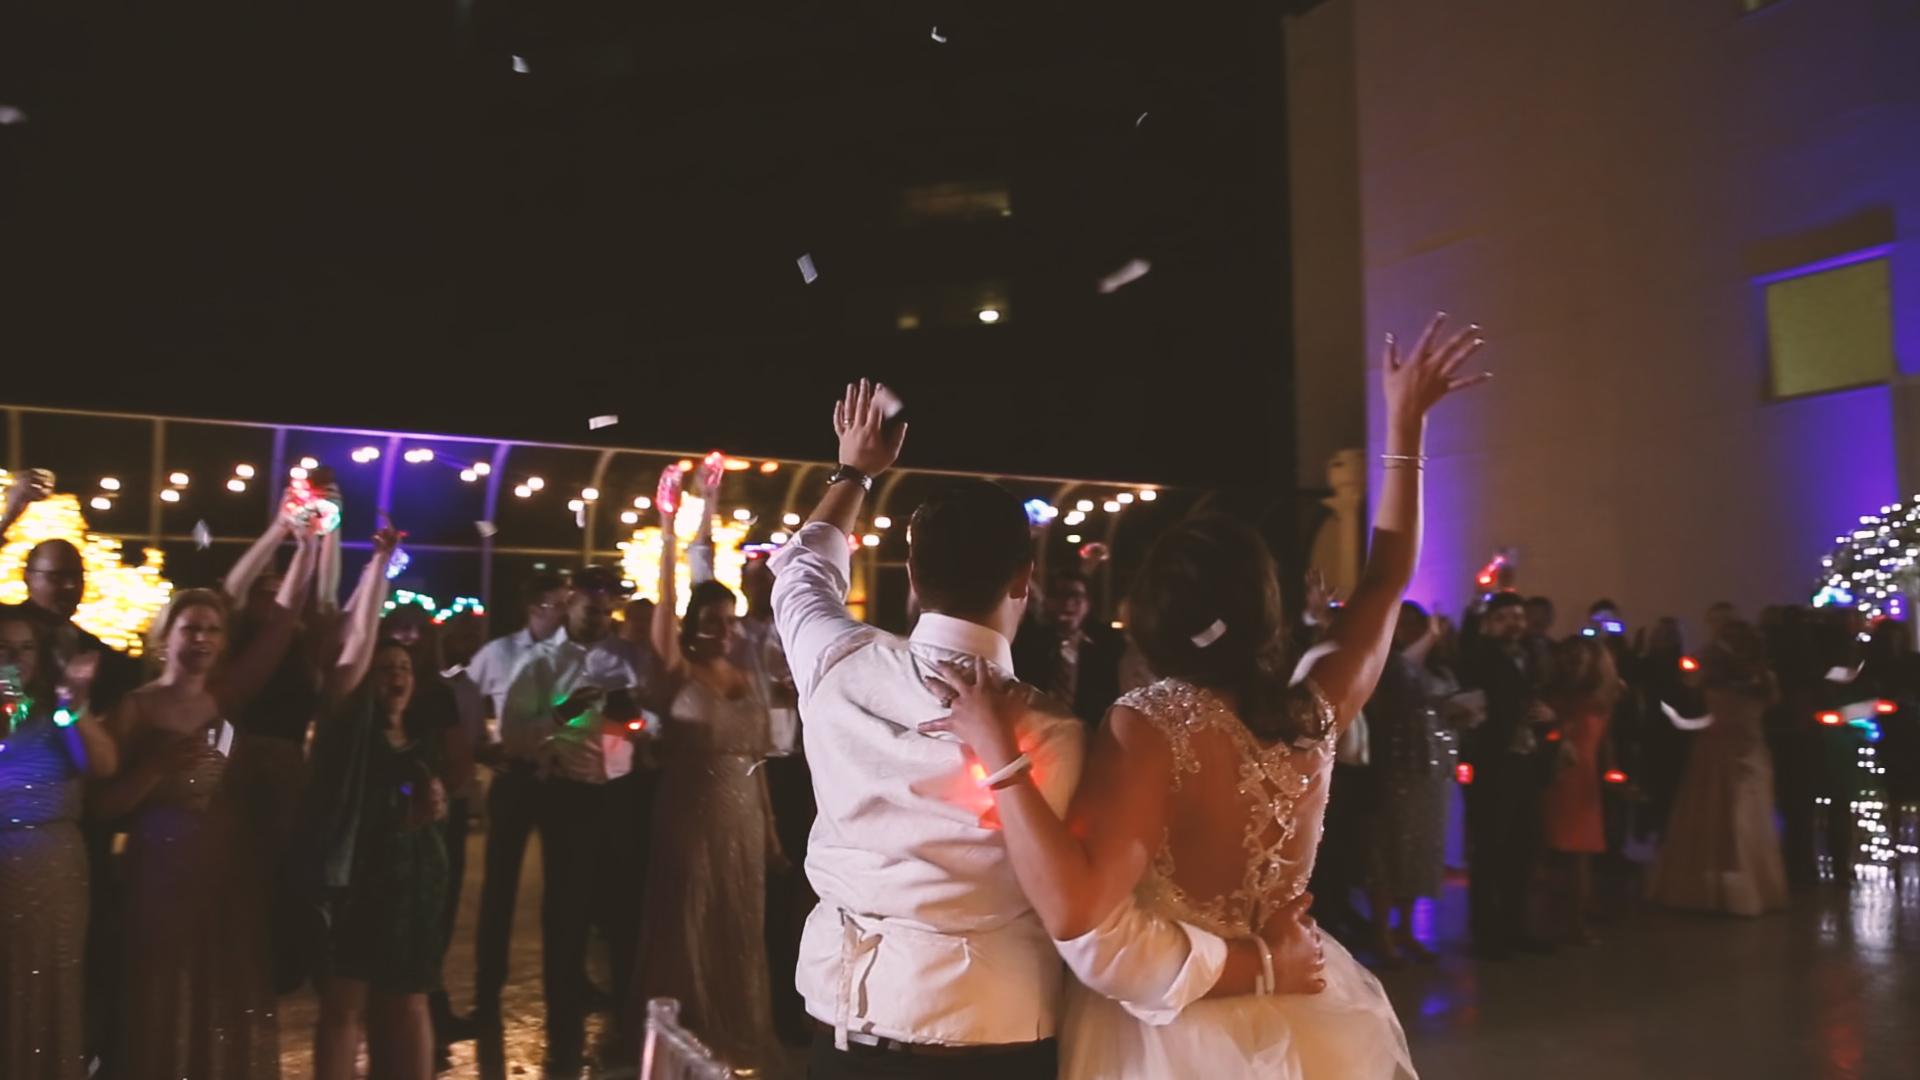 Wedding Exit - Bride Film